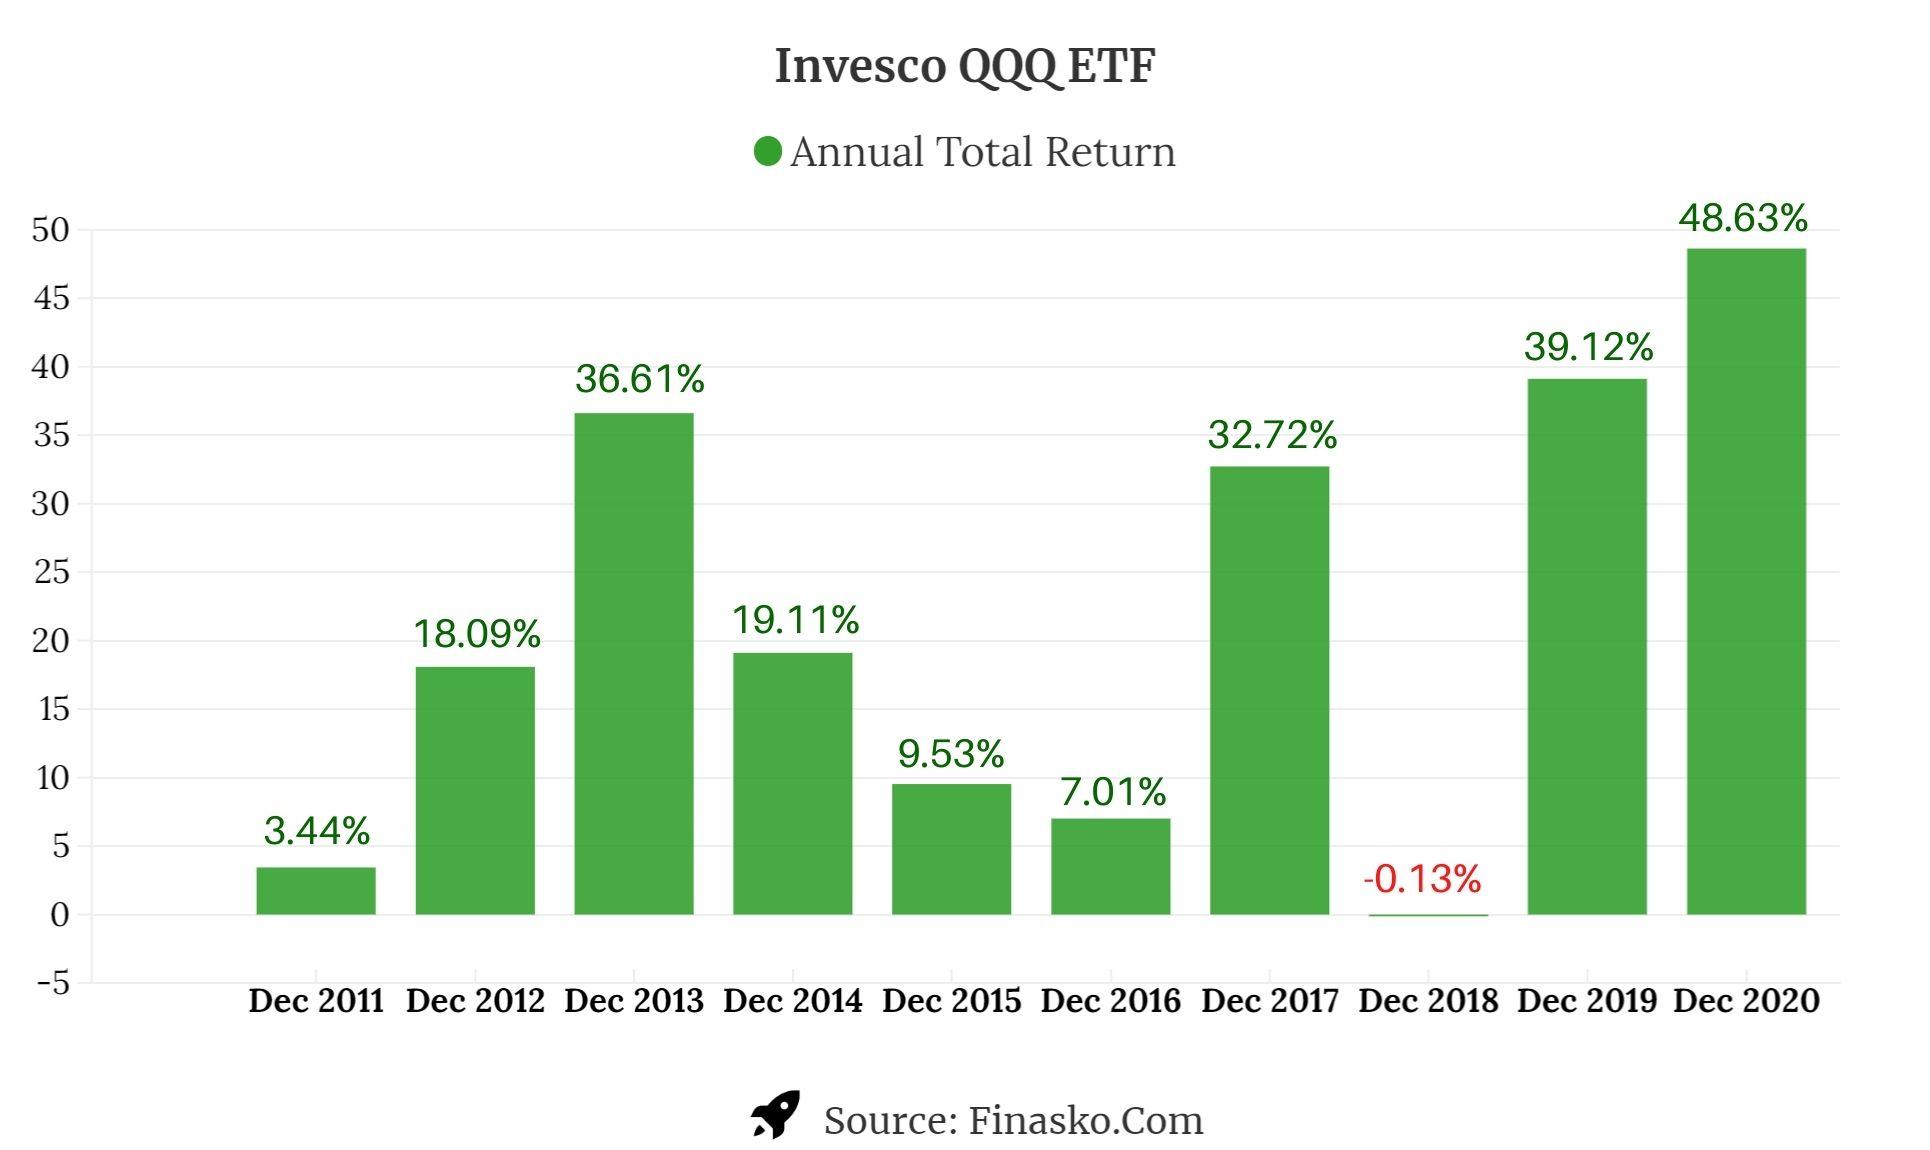 Invesco QQQ ETF Annual Total Return